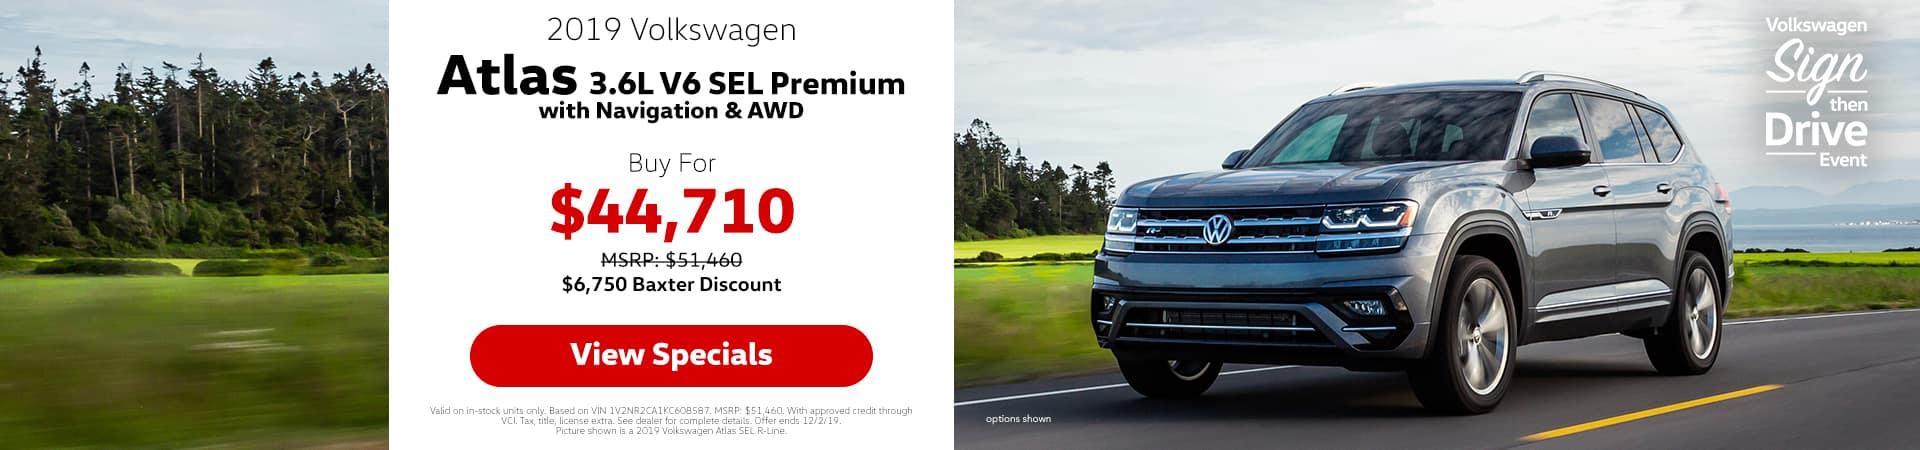 Volkswagen Atlas Buy For Price